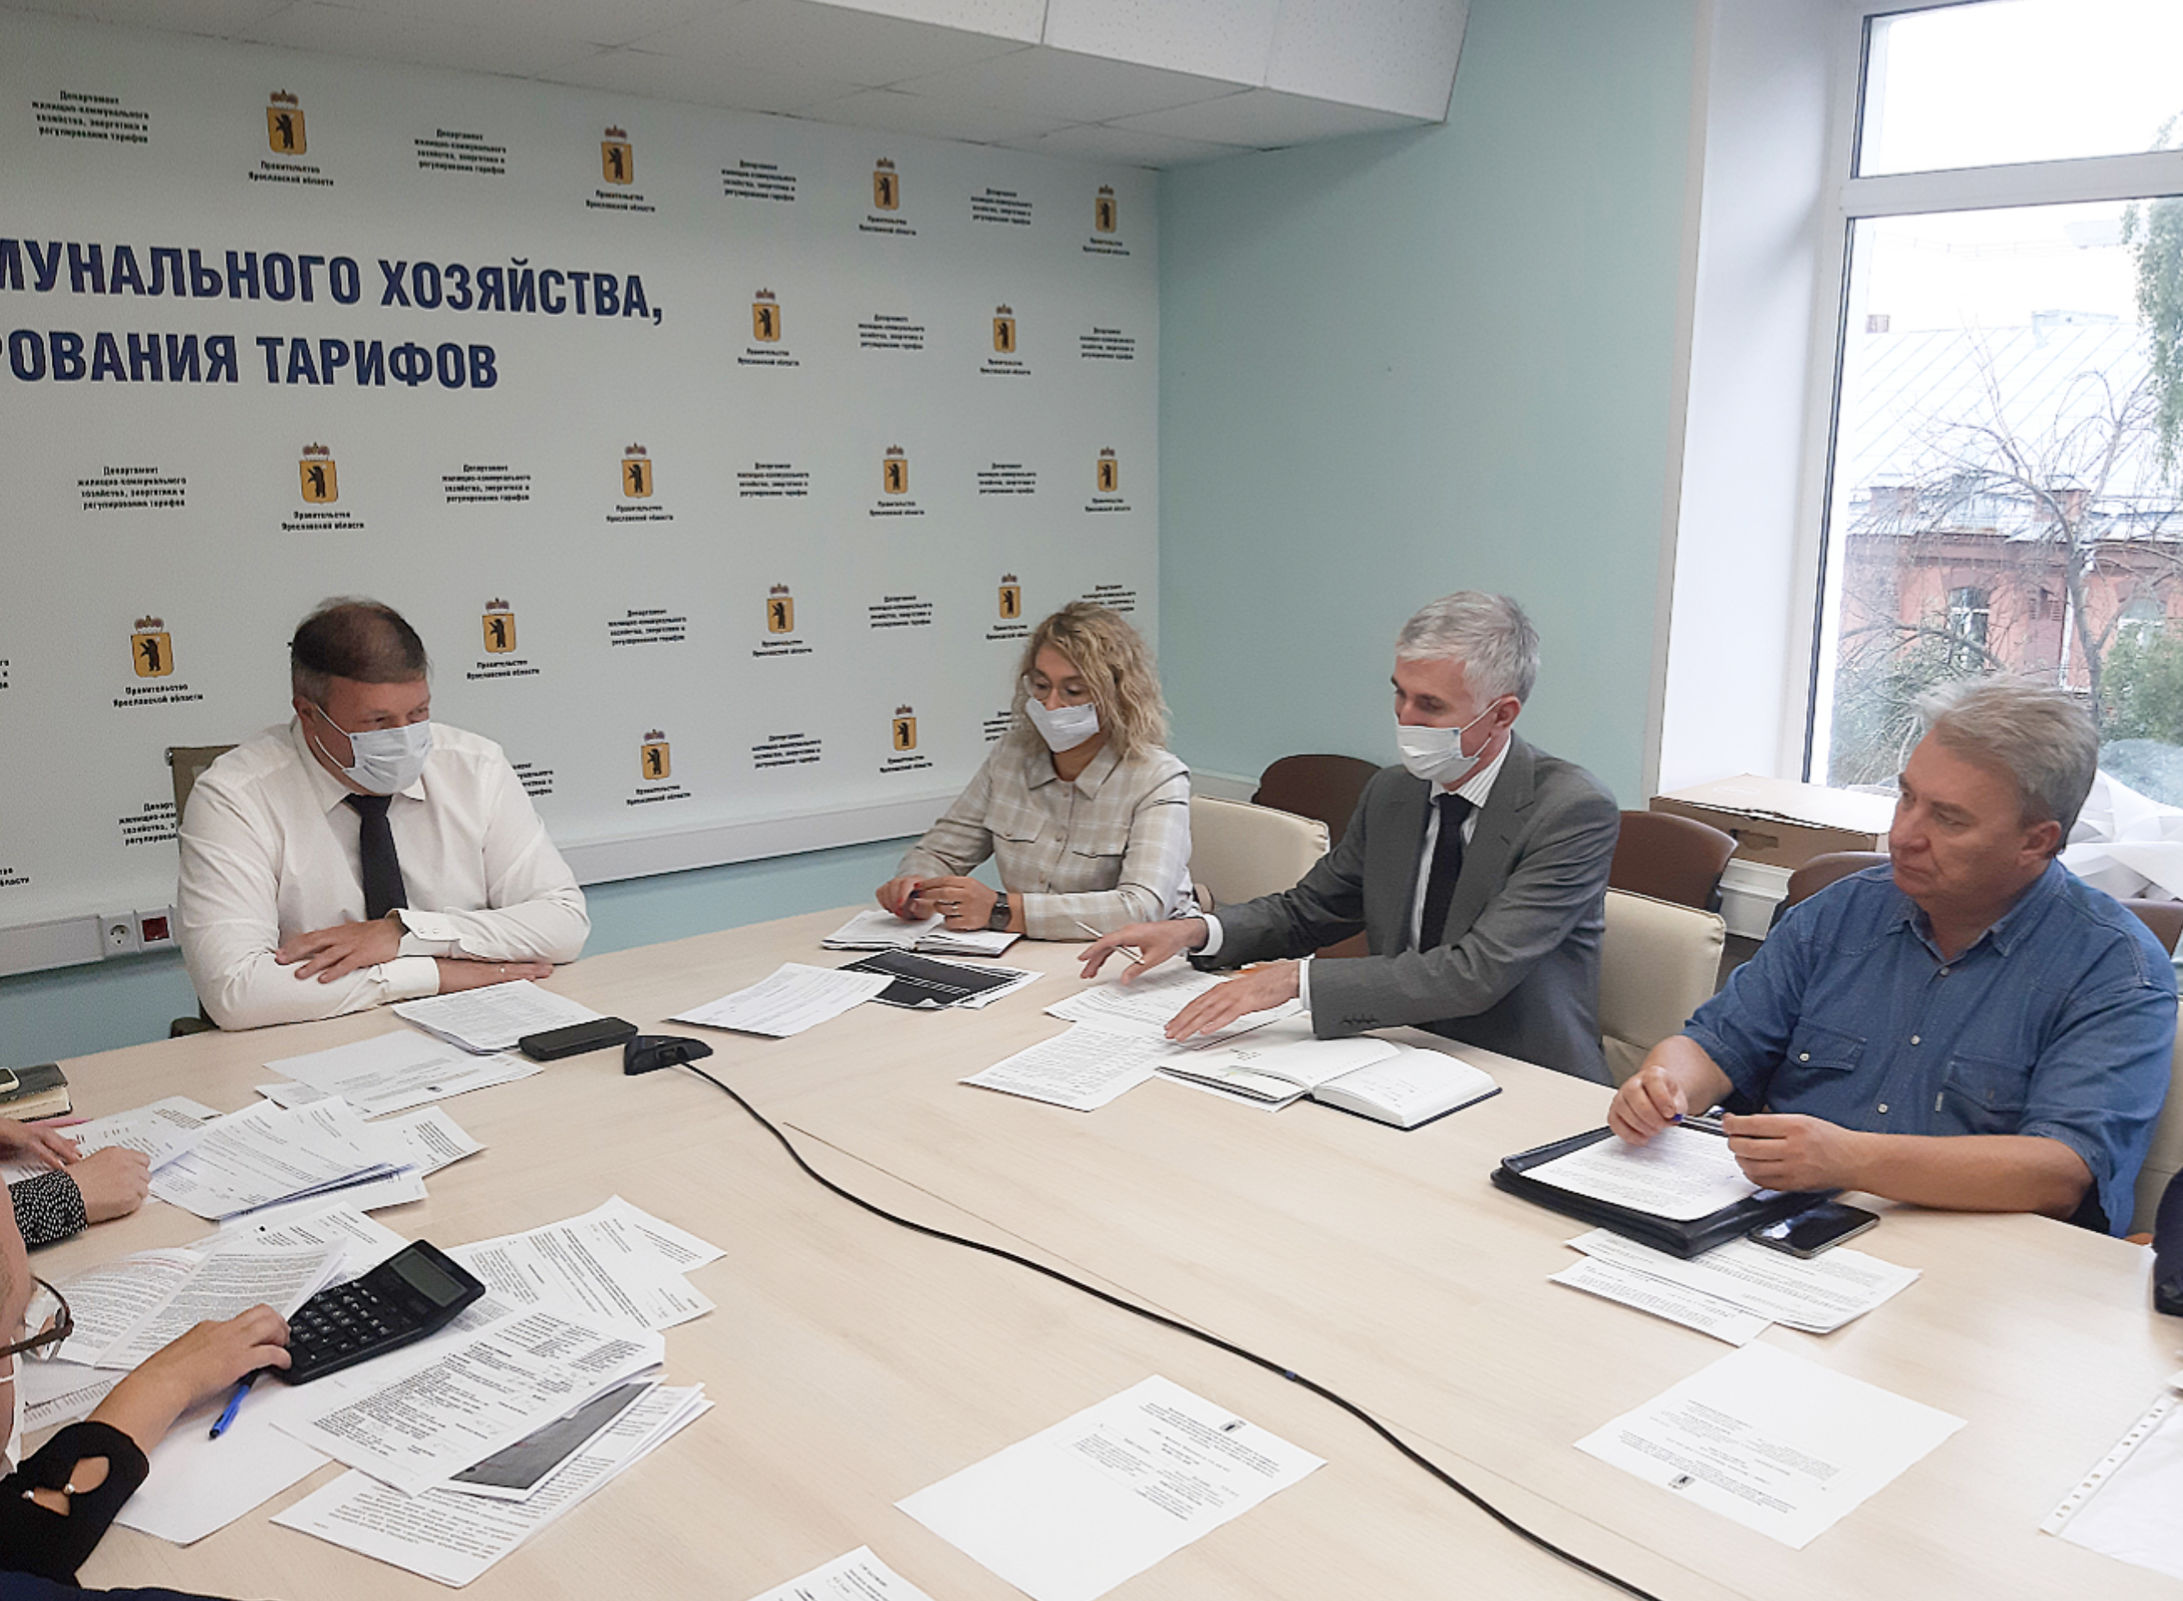 100 миллионов рублей получат Данилов и Мышкин на благоустройство территорий